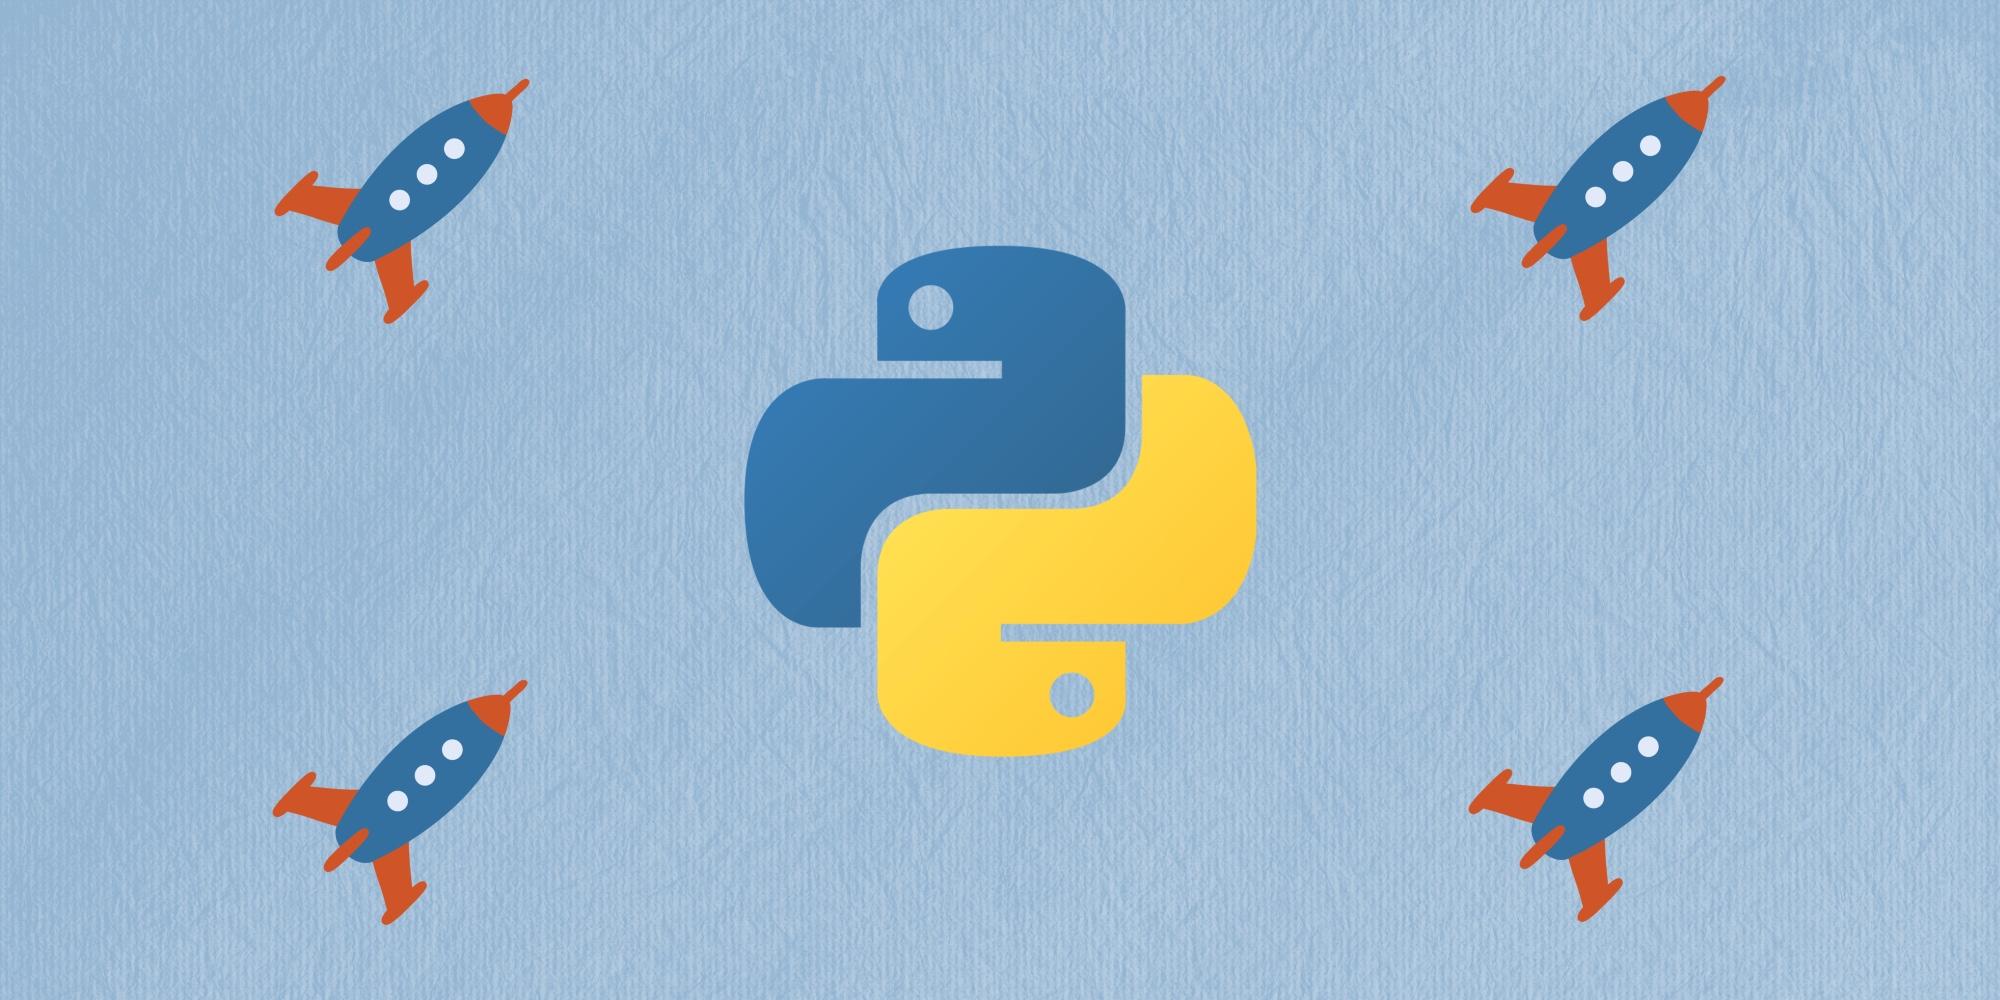 🐍 Примеры использования Python, вдохновляющие на его изучение